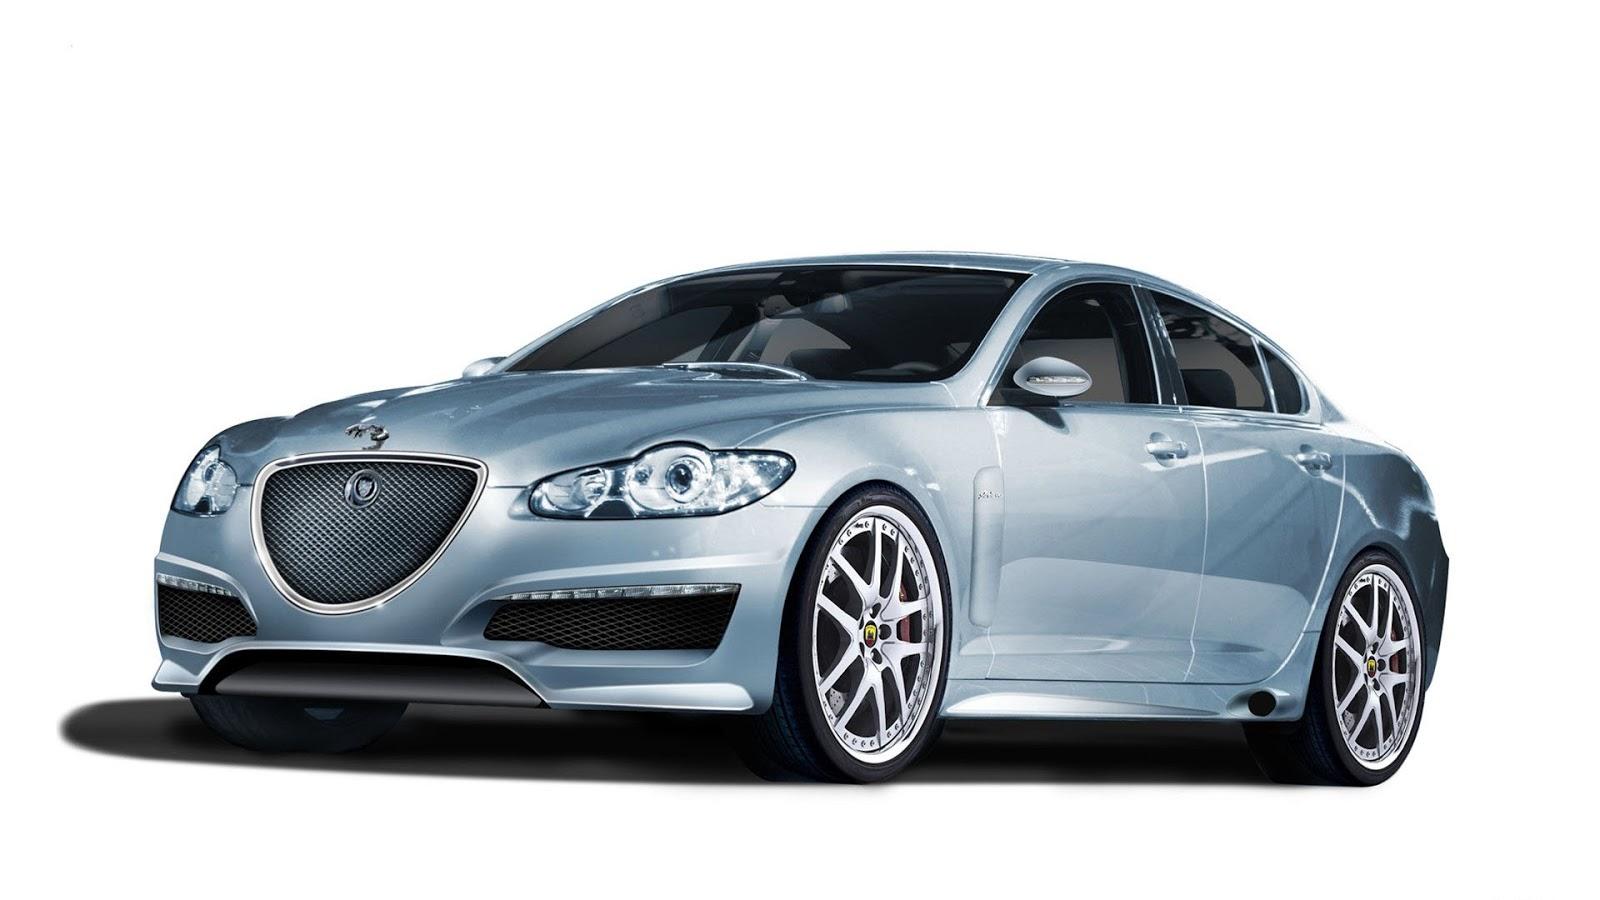 small resolution of autoparts and accesories for jaguar rh car parts world com jaguar parts diagram jaguar illustration